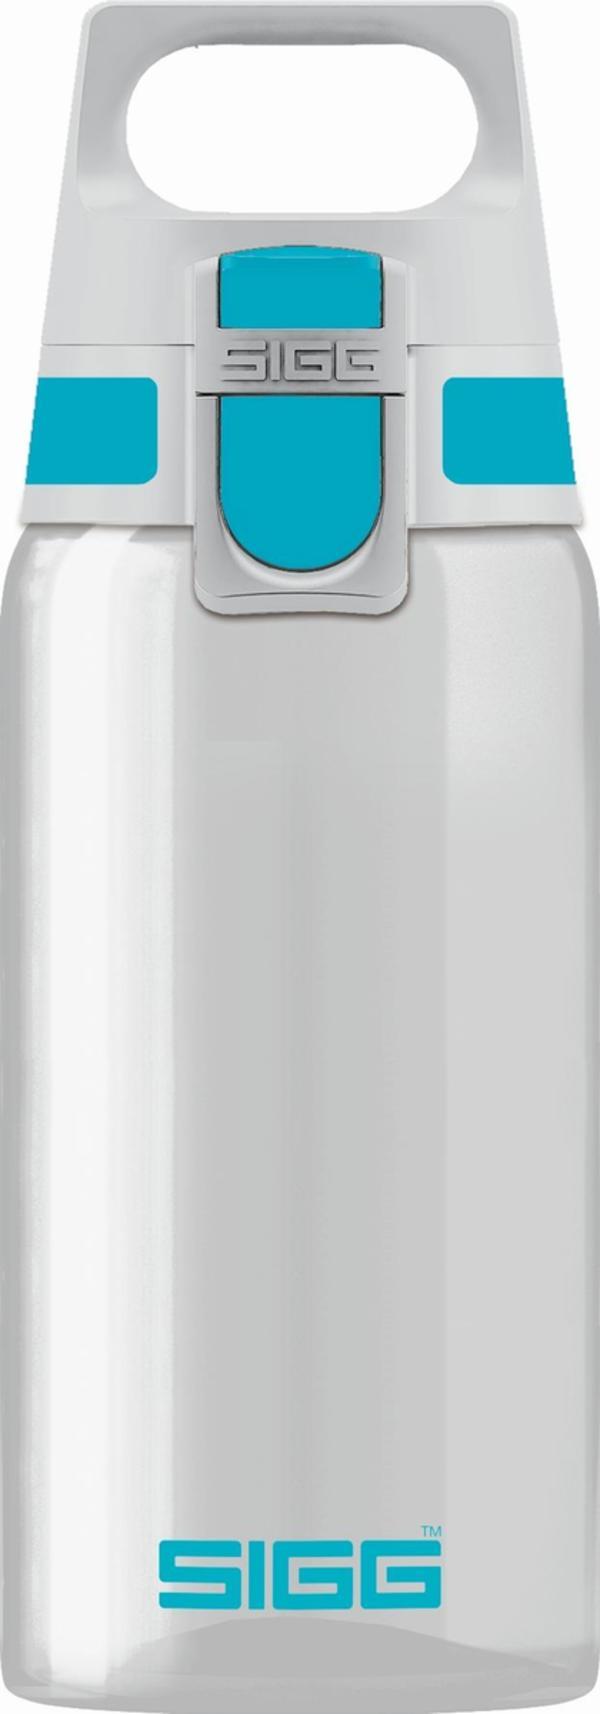 SIGG Trinkflasche Clear One Aqua 0.5l